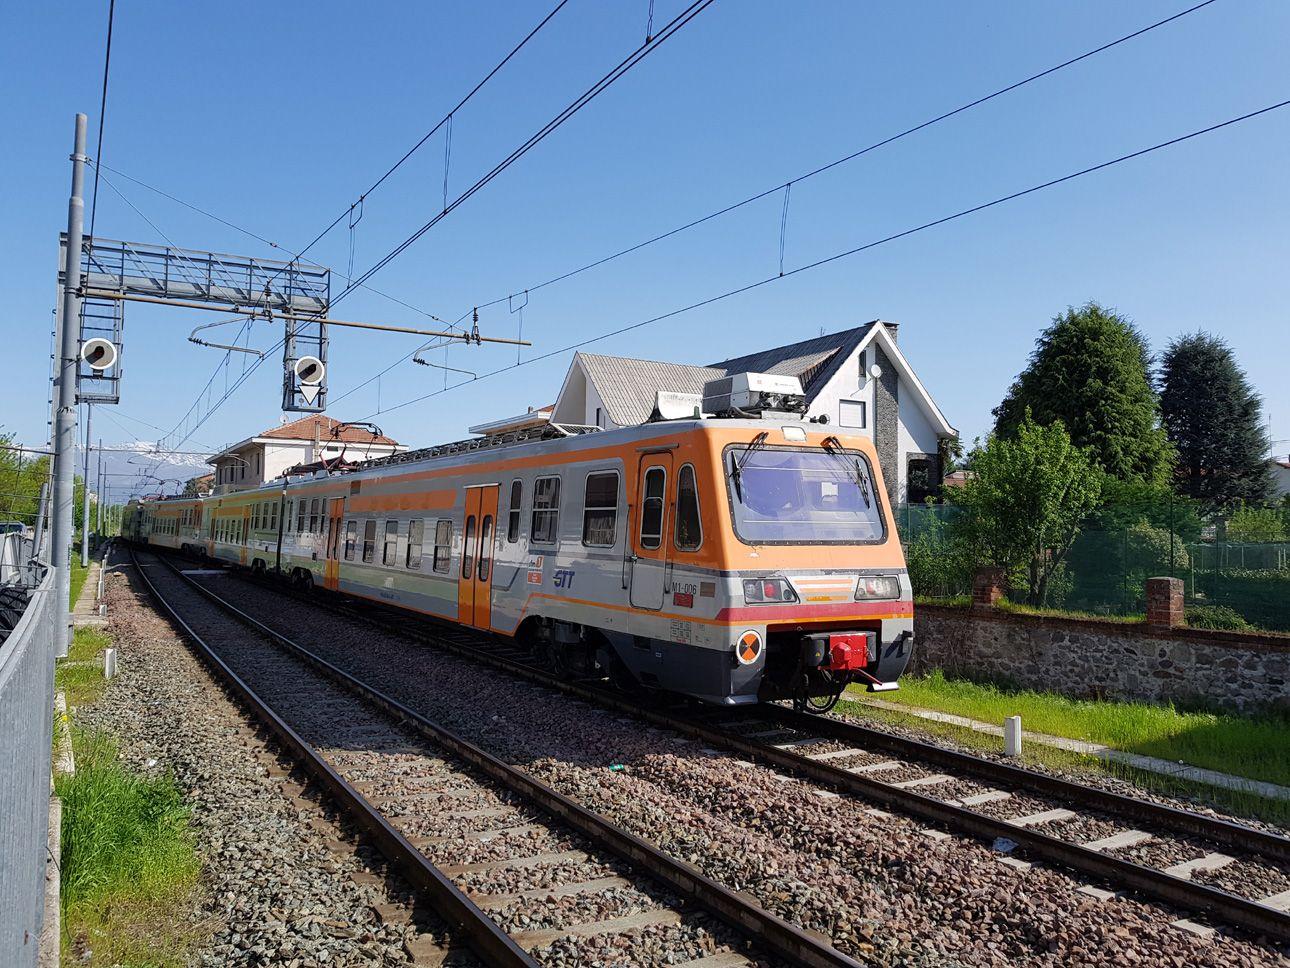 CANAVESE - Sciopero bus e treni: sarà un mercoledì di disagi per i pendolari